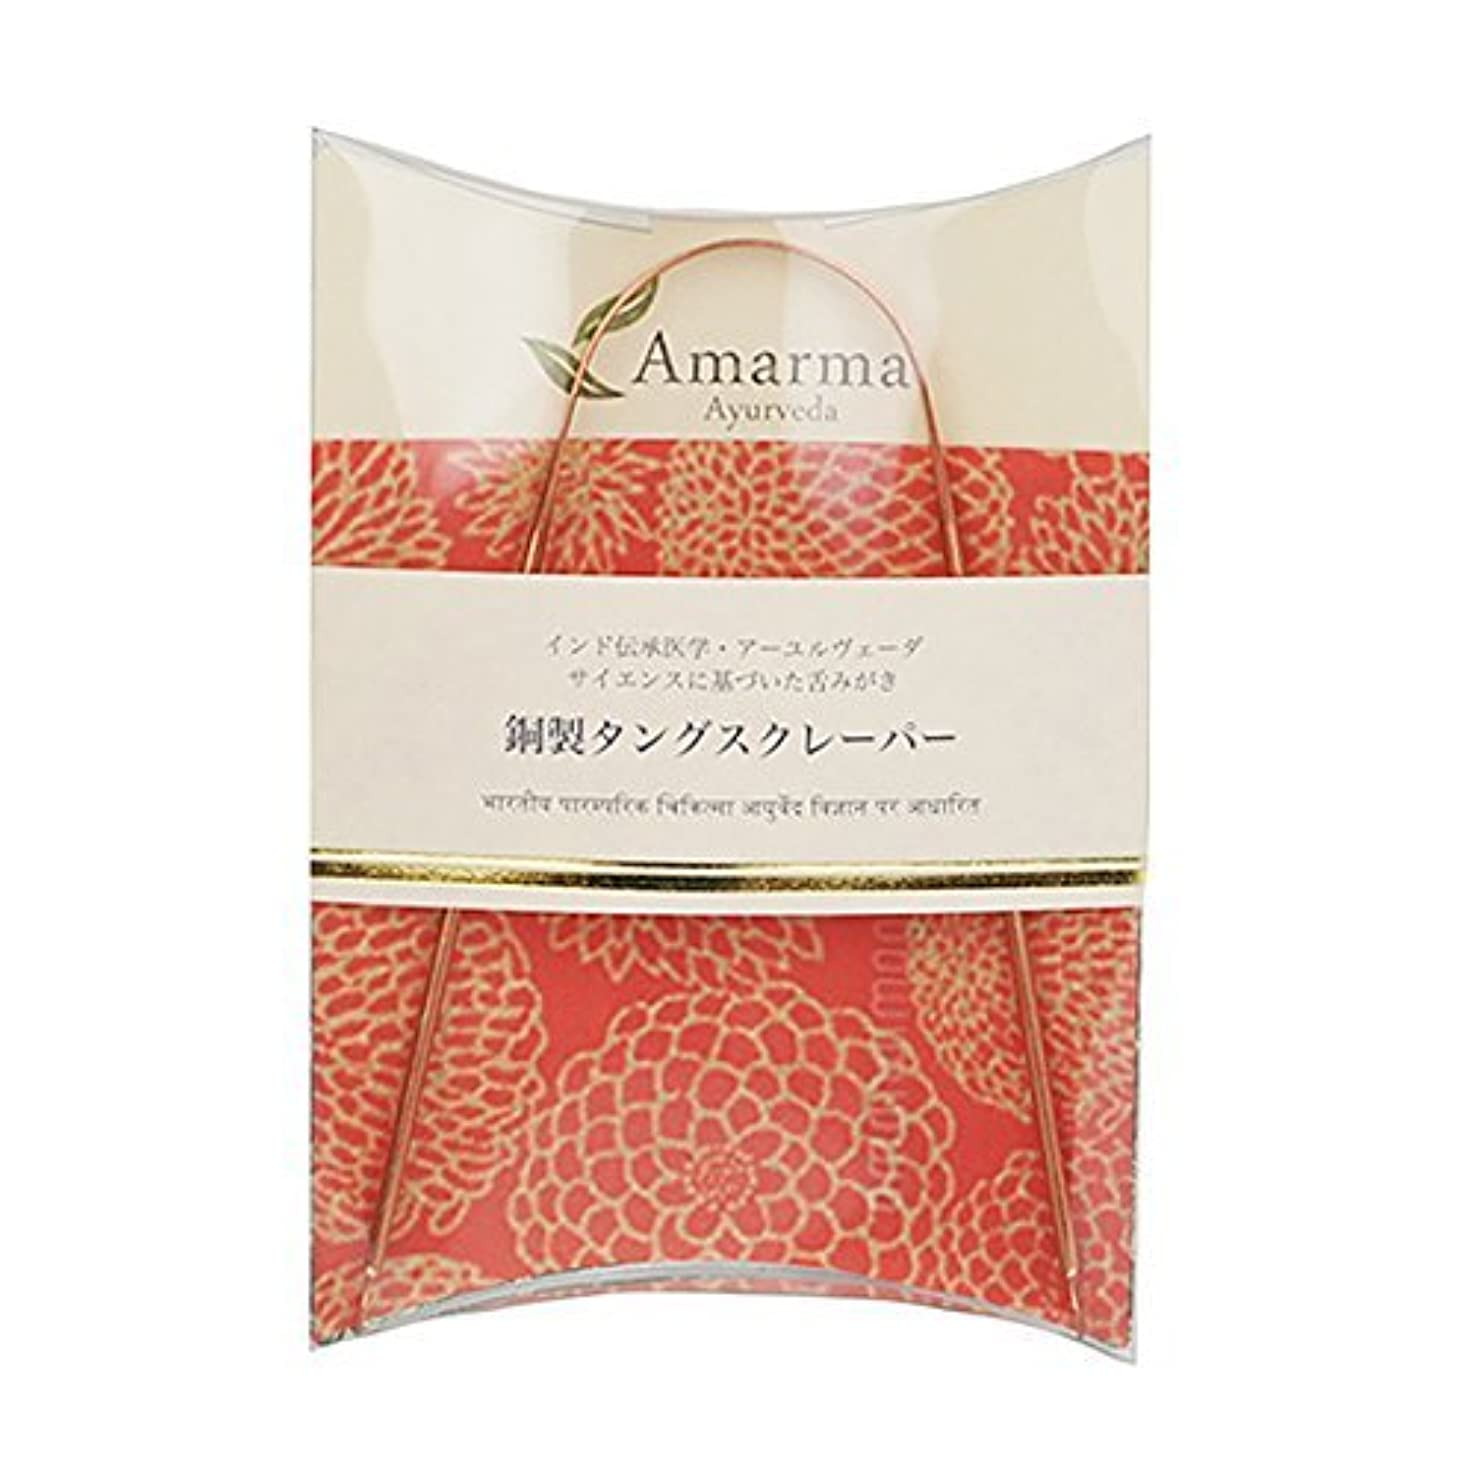 脳縁そして銅製タングスクレーパー(舌みがき)日本製